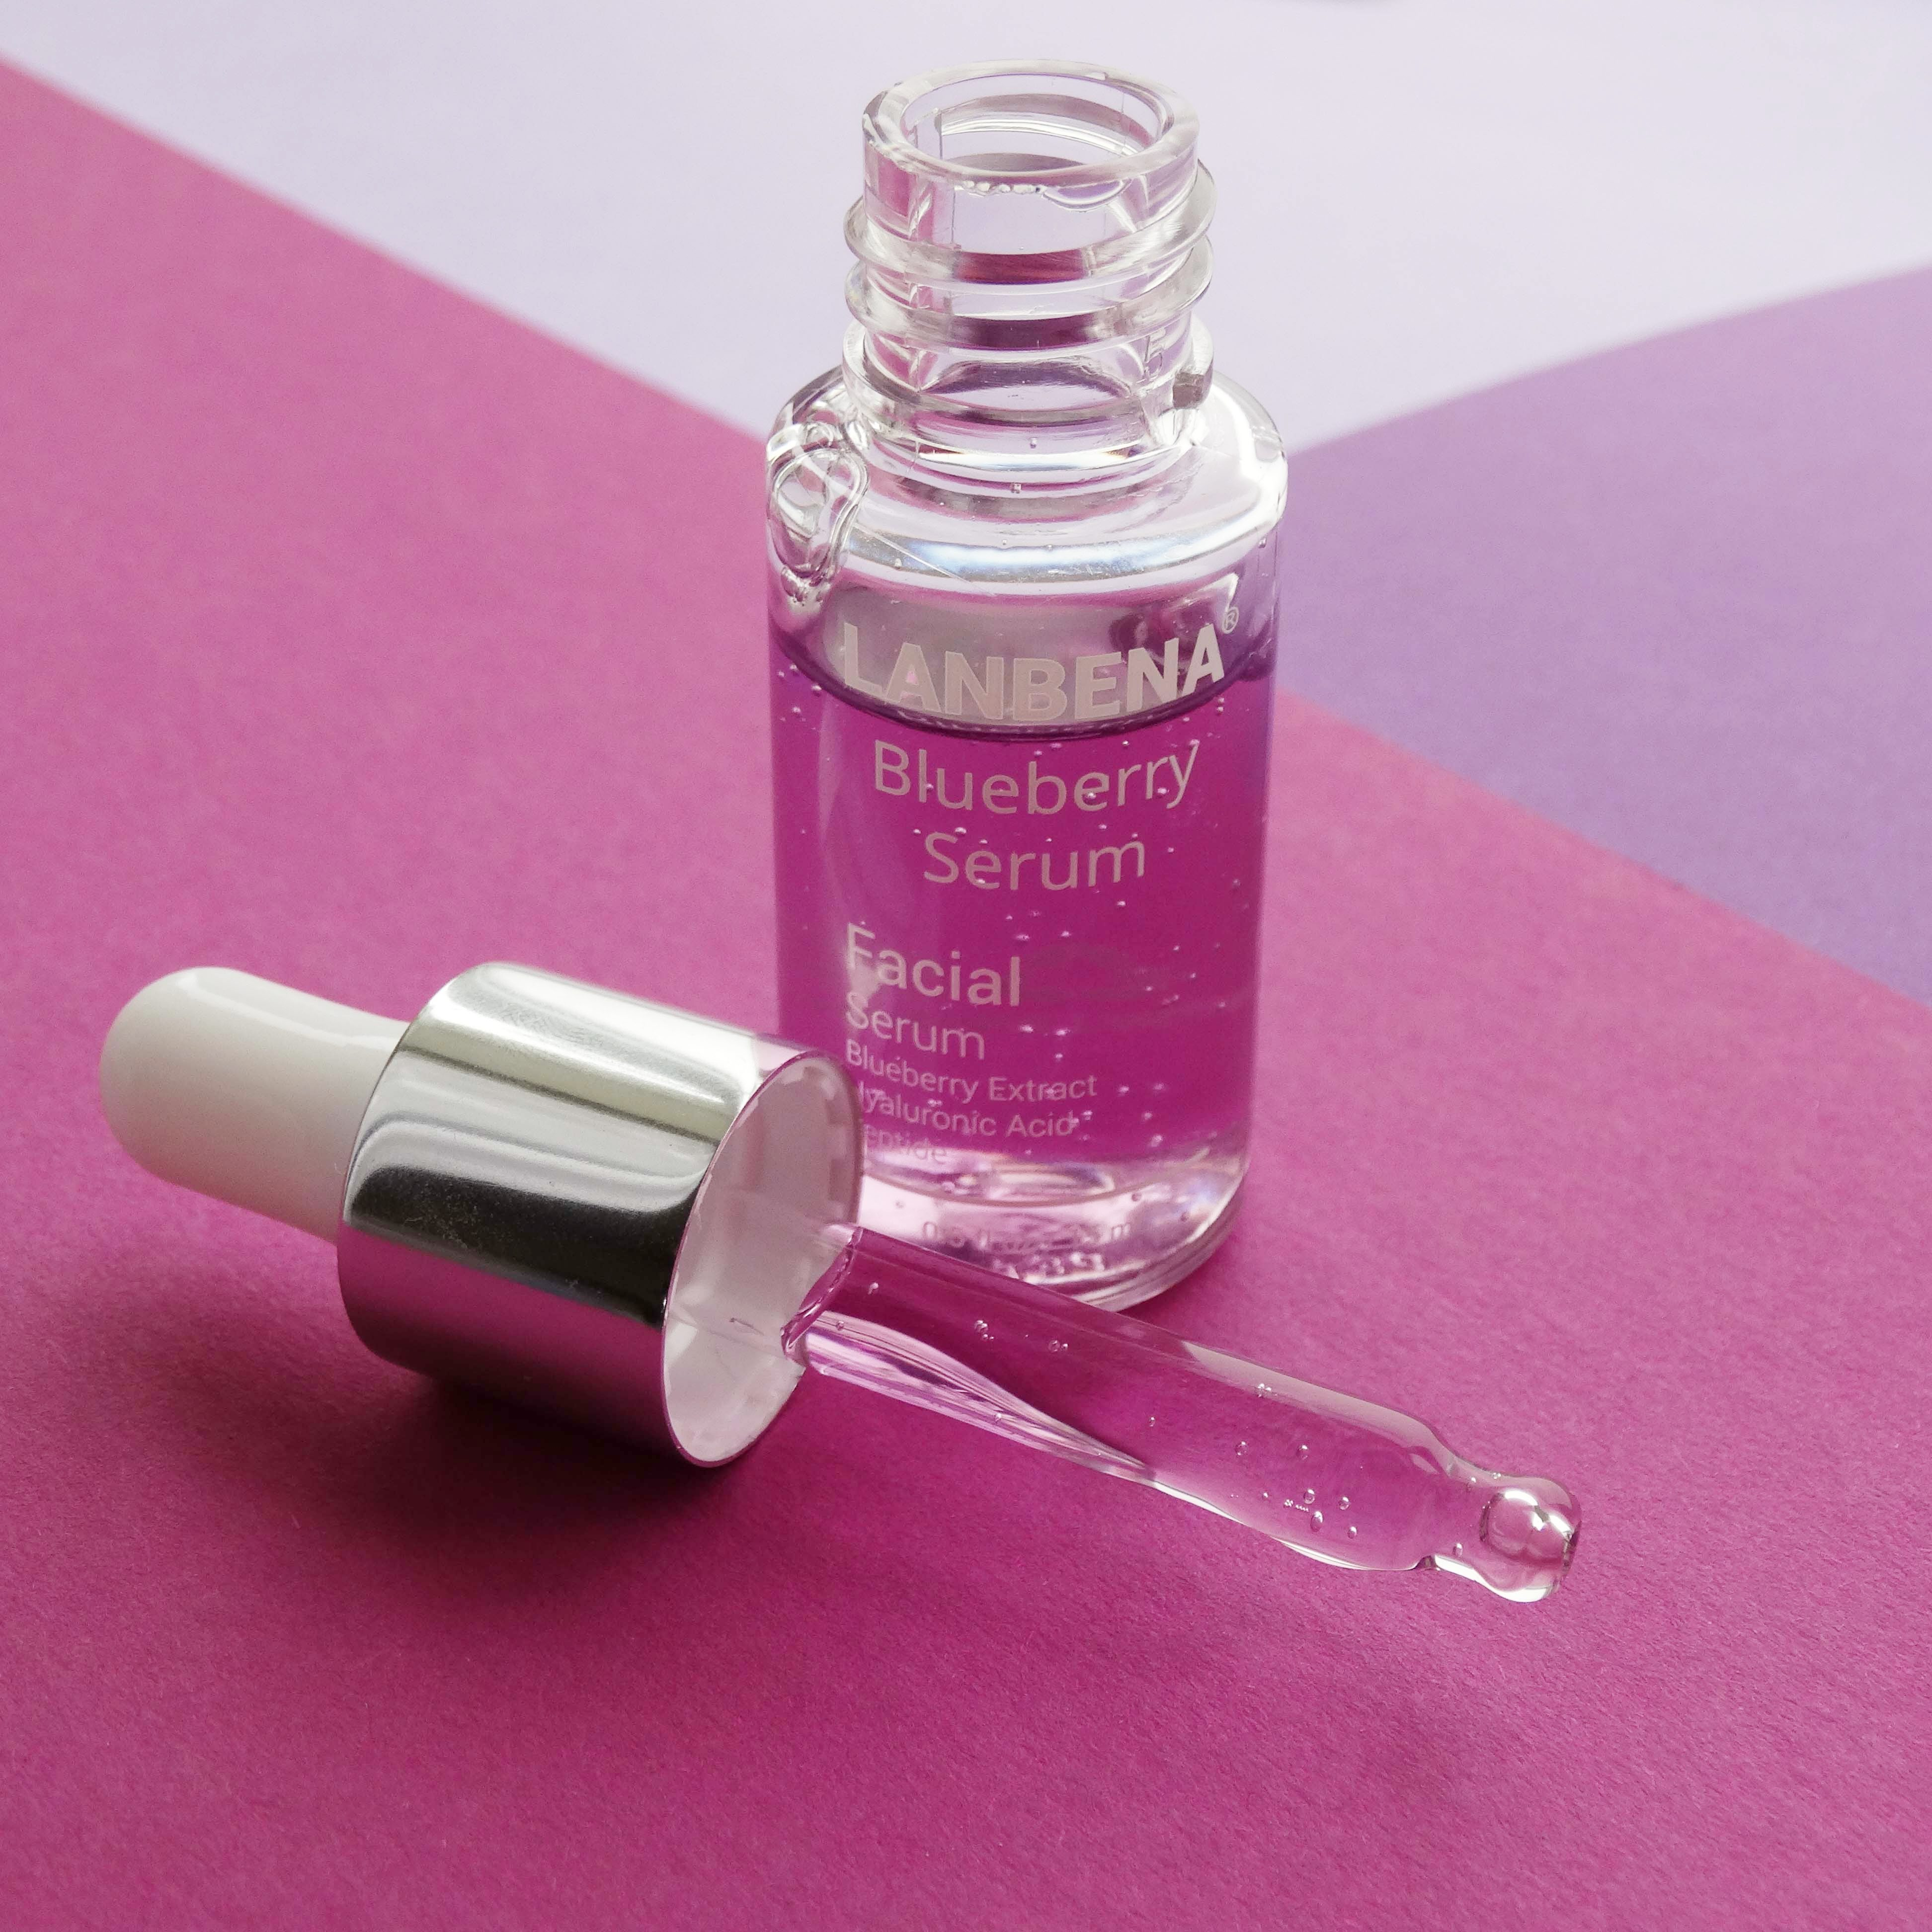 Черника, гиалуроновая кислота и пептиды - 3 в 1. Как увлажнить кожу без липкости и жирности